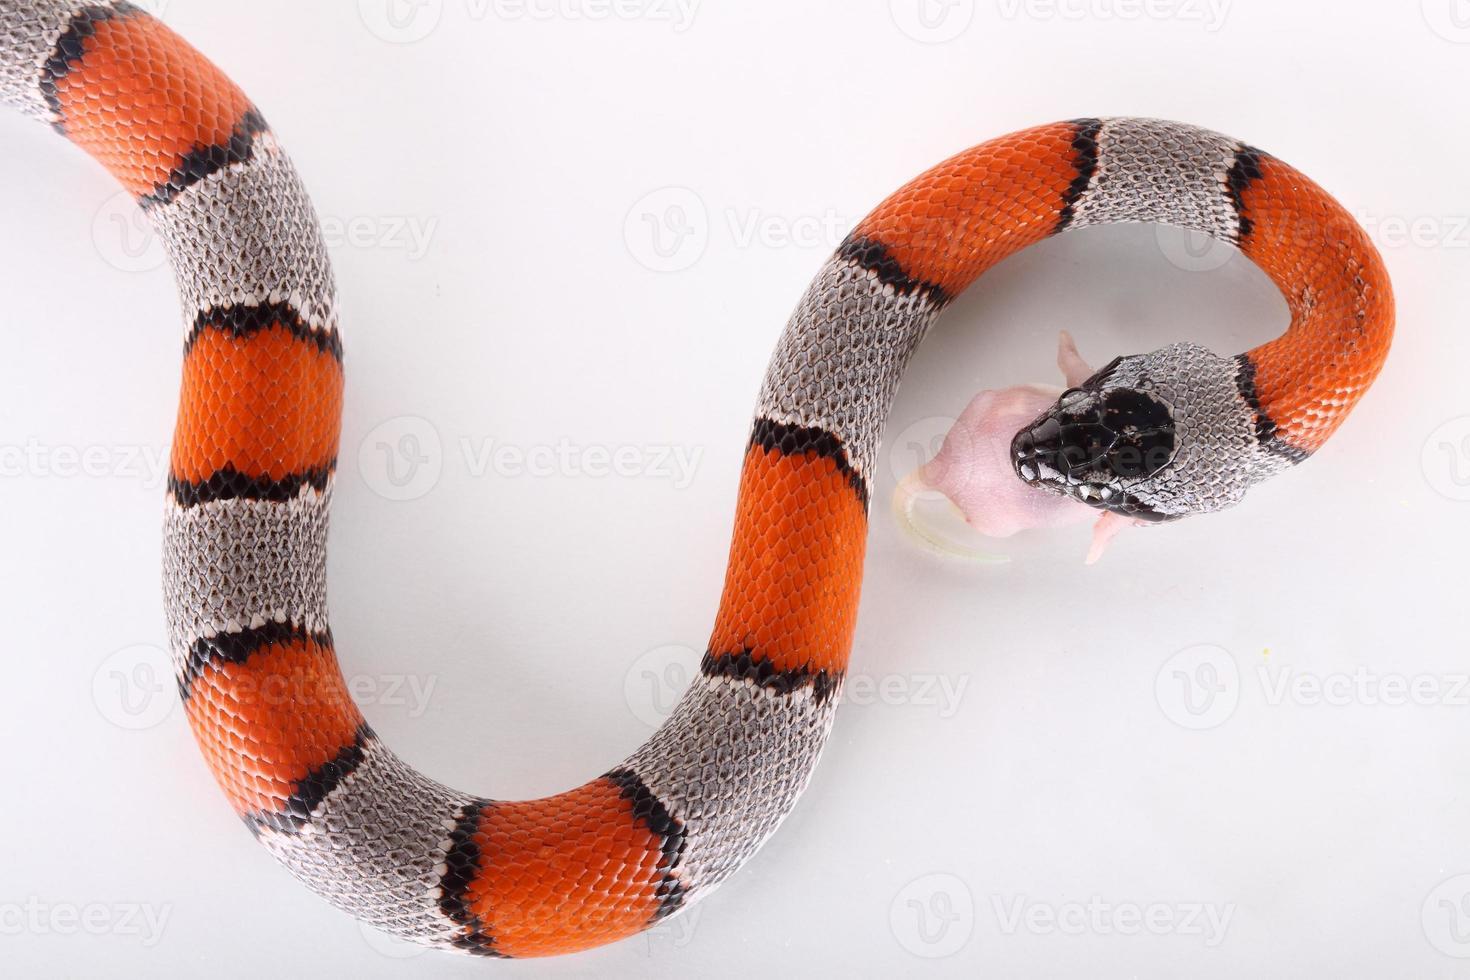 False coral snake photo